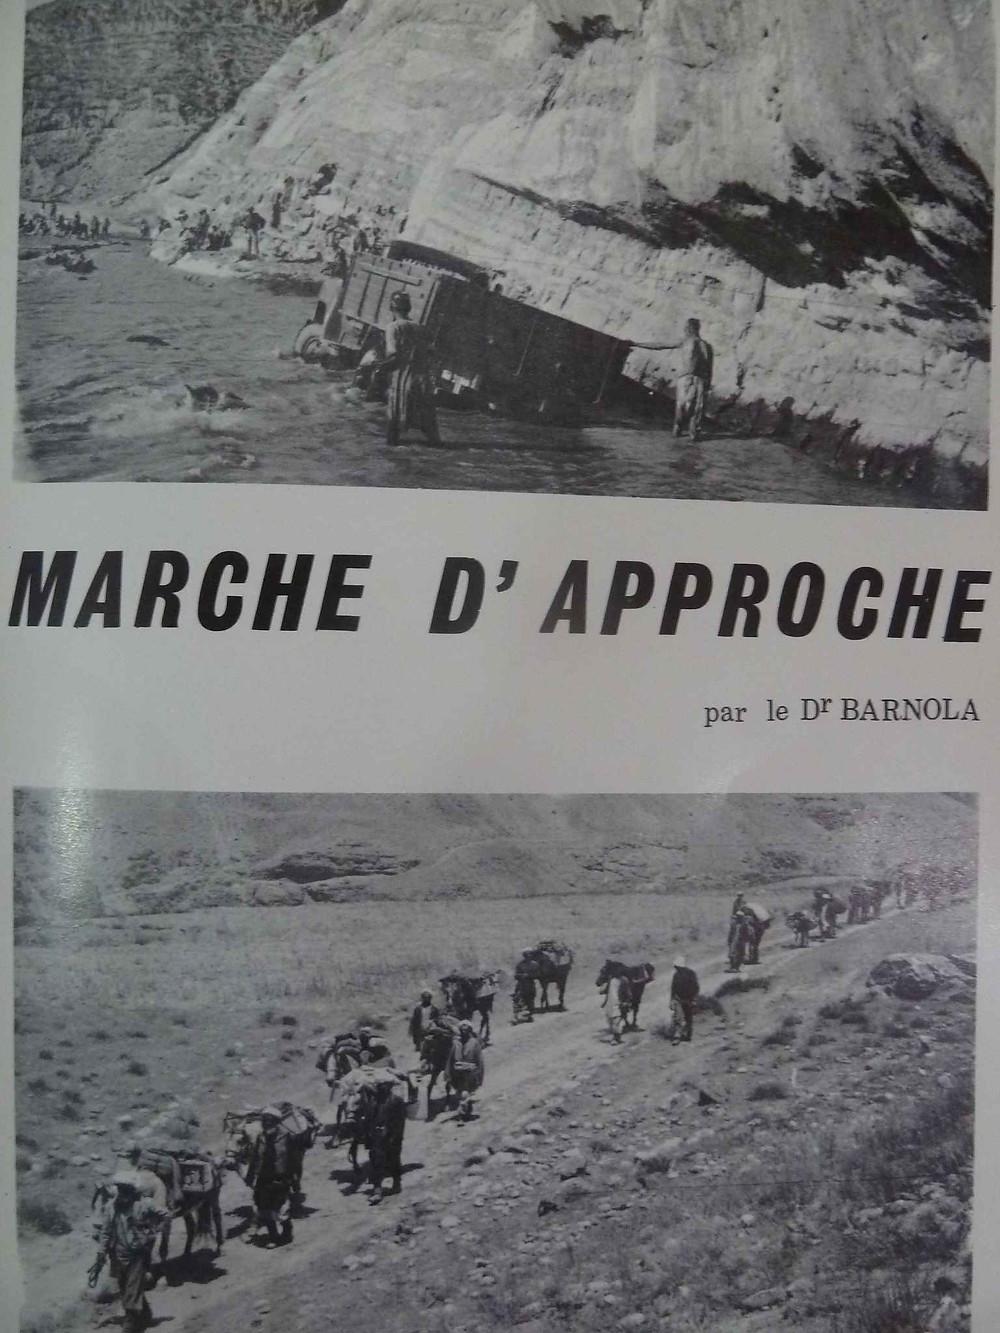 Marche d'approche de l'expédition française de 1969 en Hindou Kouch